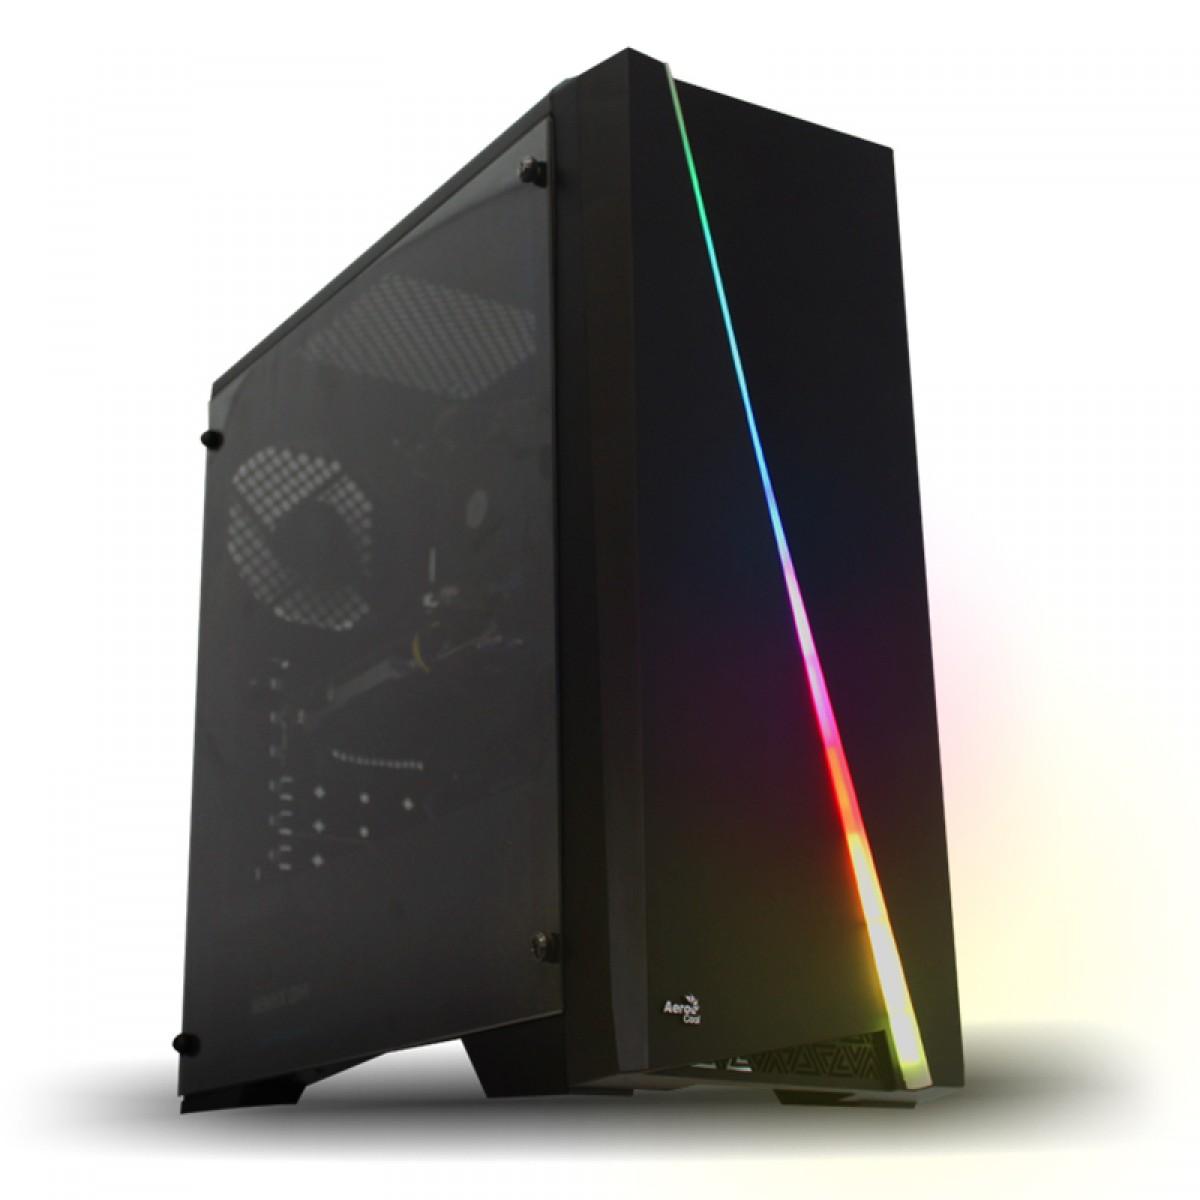 Pc Gamer Tera Edition AMD Ryzen 5 3500 / Radeon RX 5700 8GB / DDR4 8GB / HD 1TB / 600W